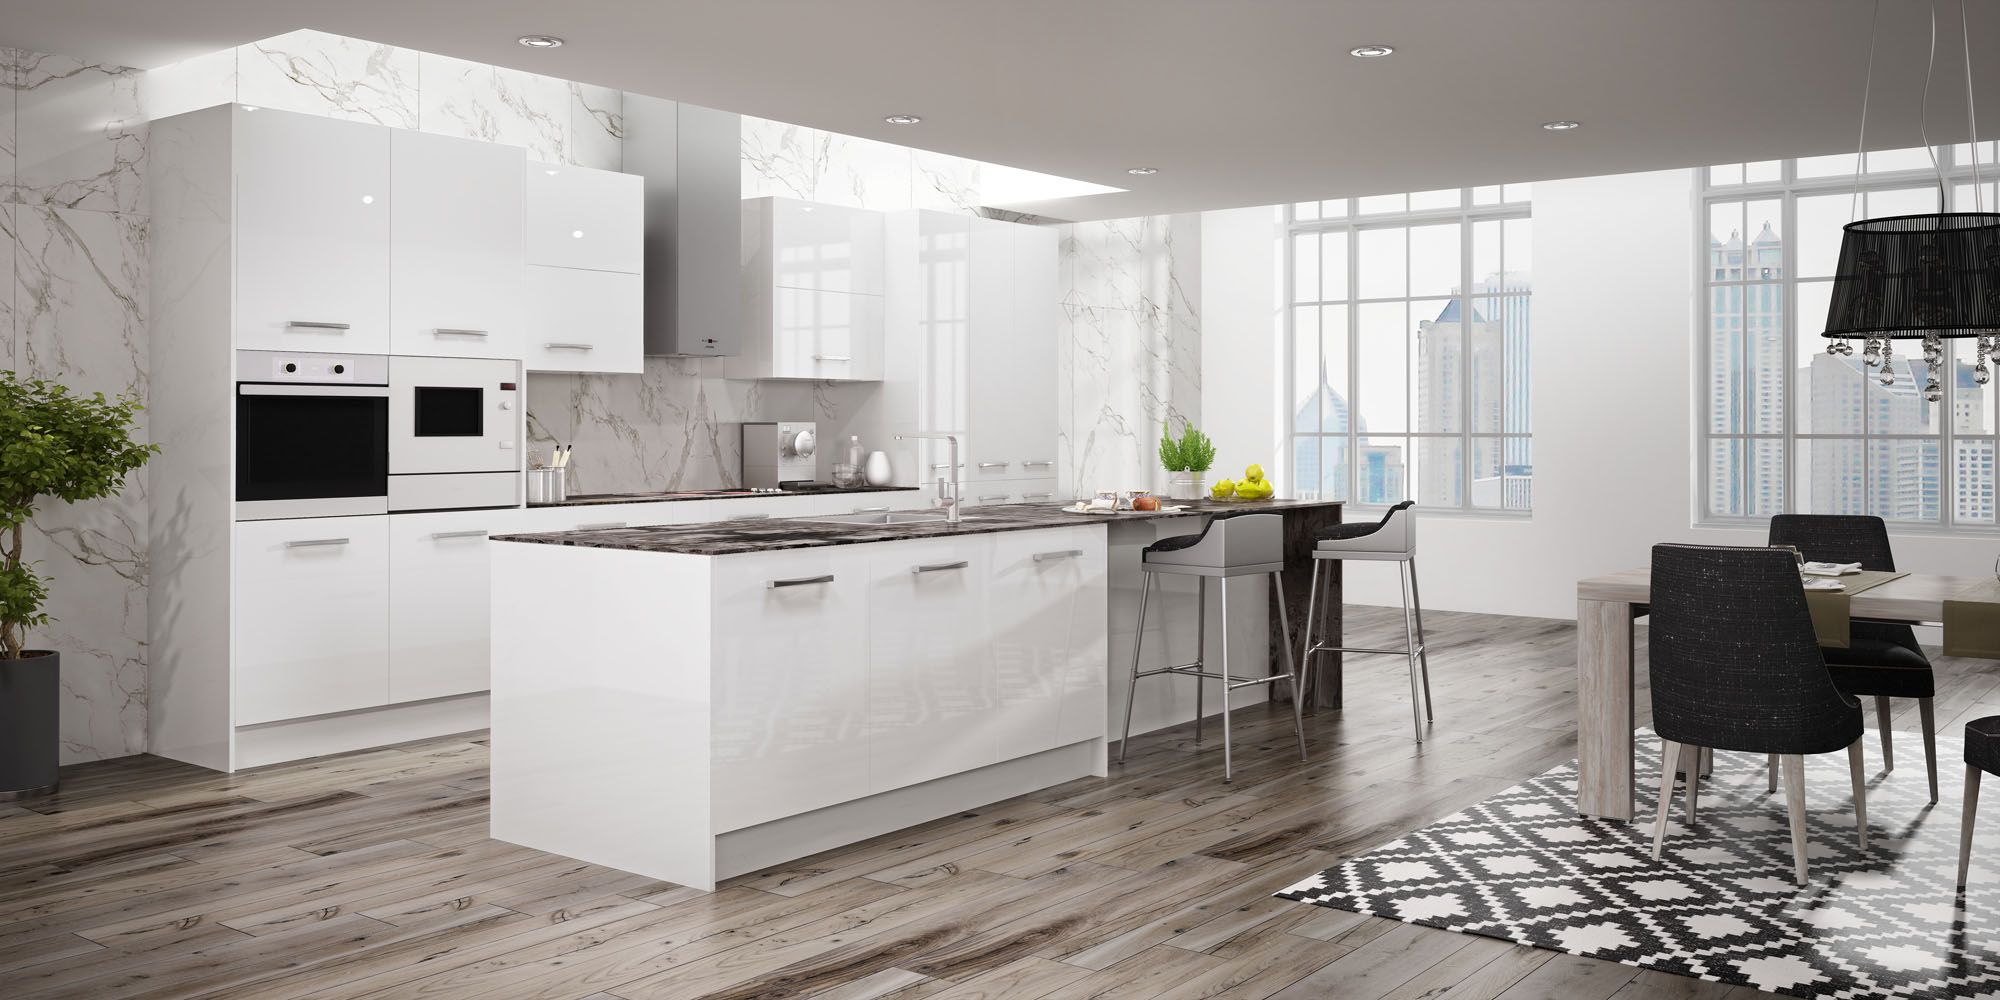 Cocinas Modernas Blancas Con Isla Cocinas Faro By Alvic  # Budnik Muebles De Cocina